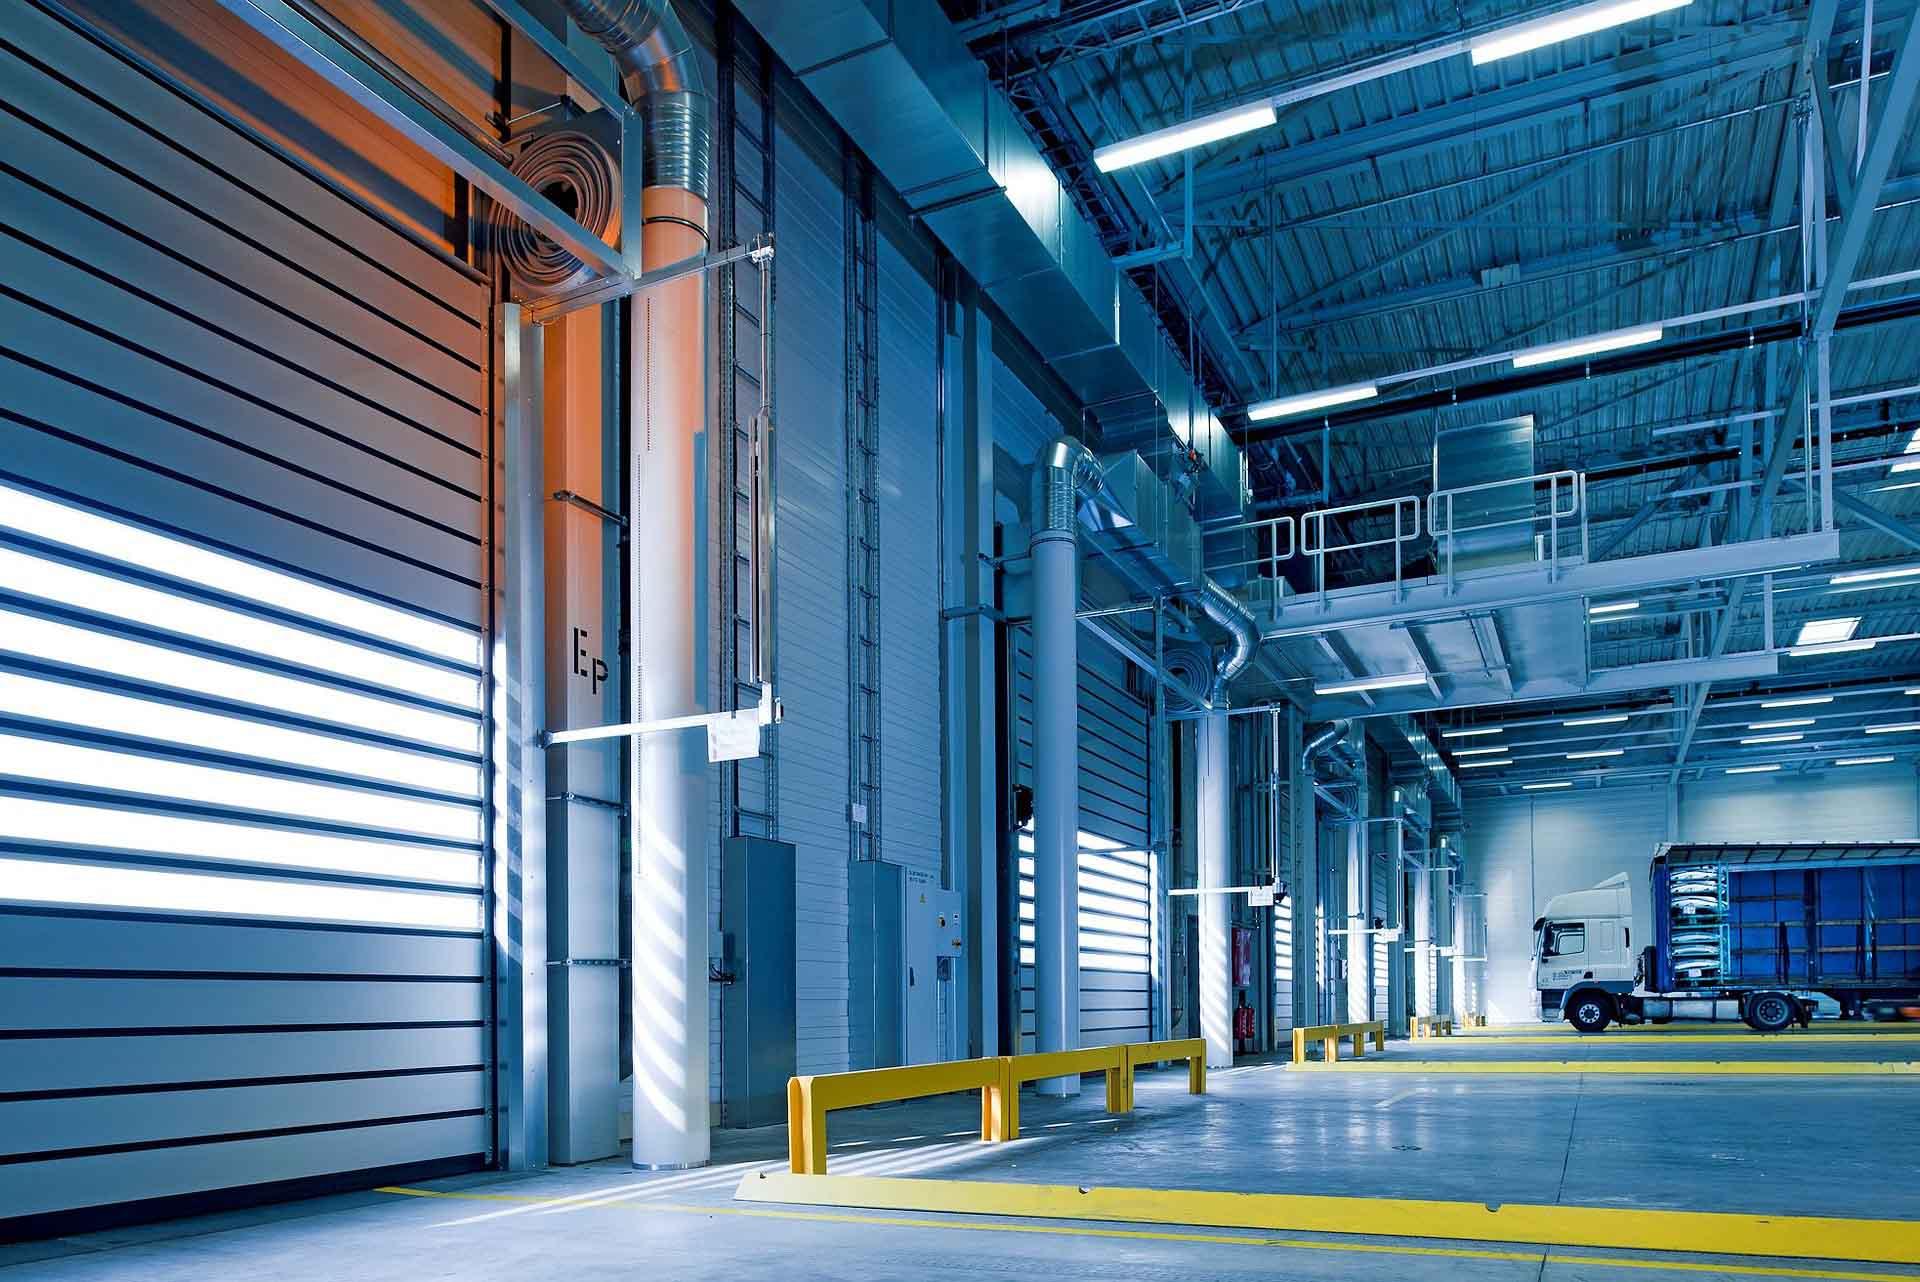 phos offre servizi per la gestione dei servizi logistici trasporto e movimentazione merci facchinaggio